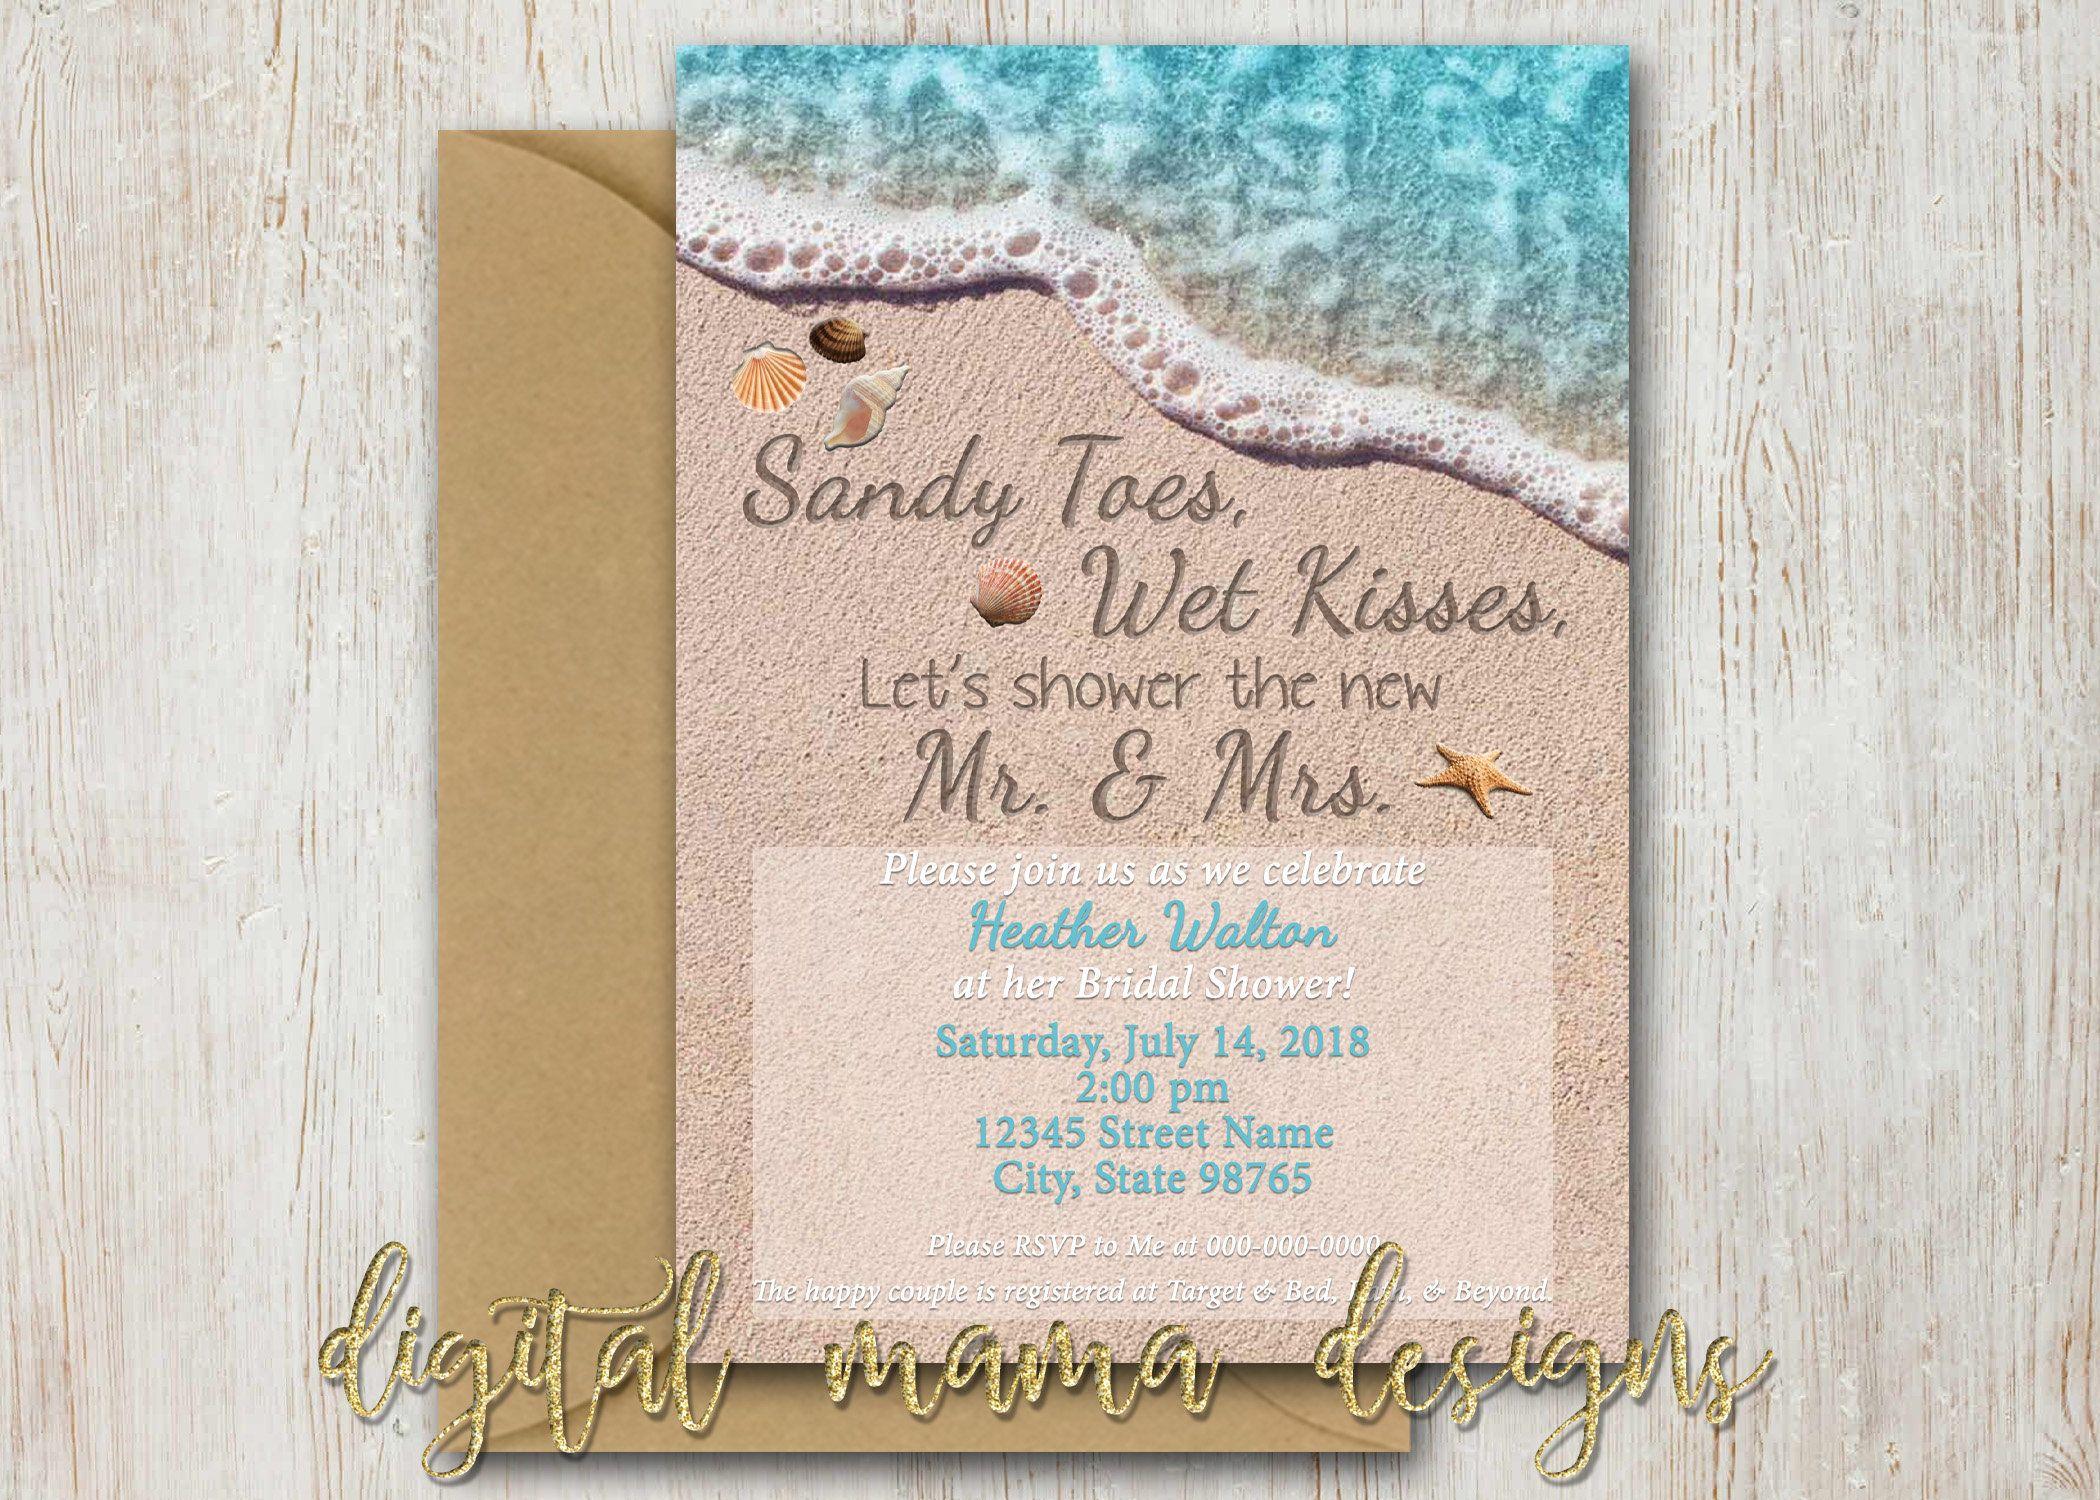 Beach Themed Bridal Shower Invitation Summer Beach Theme Party Invite Ocean Brid Beach Theme Bridal Shower Wedding Shower Themes Wedding Shower Invitations